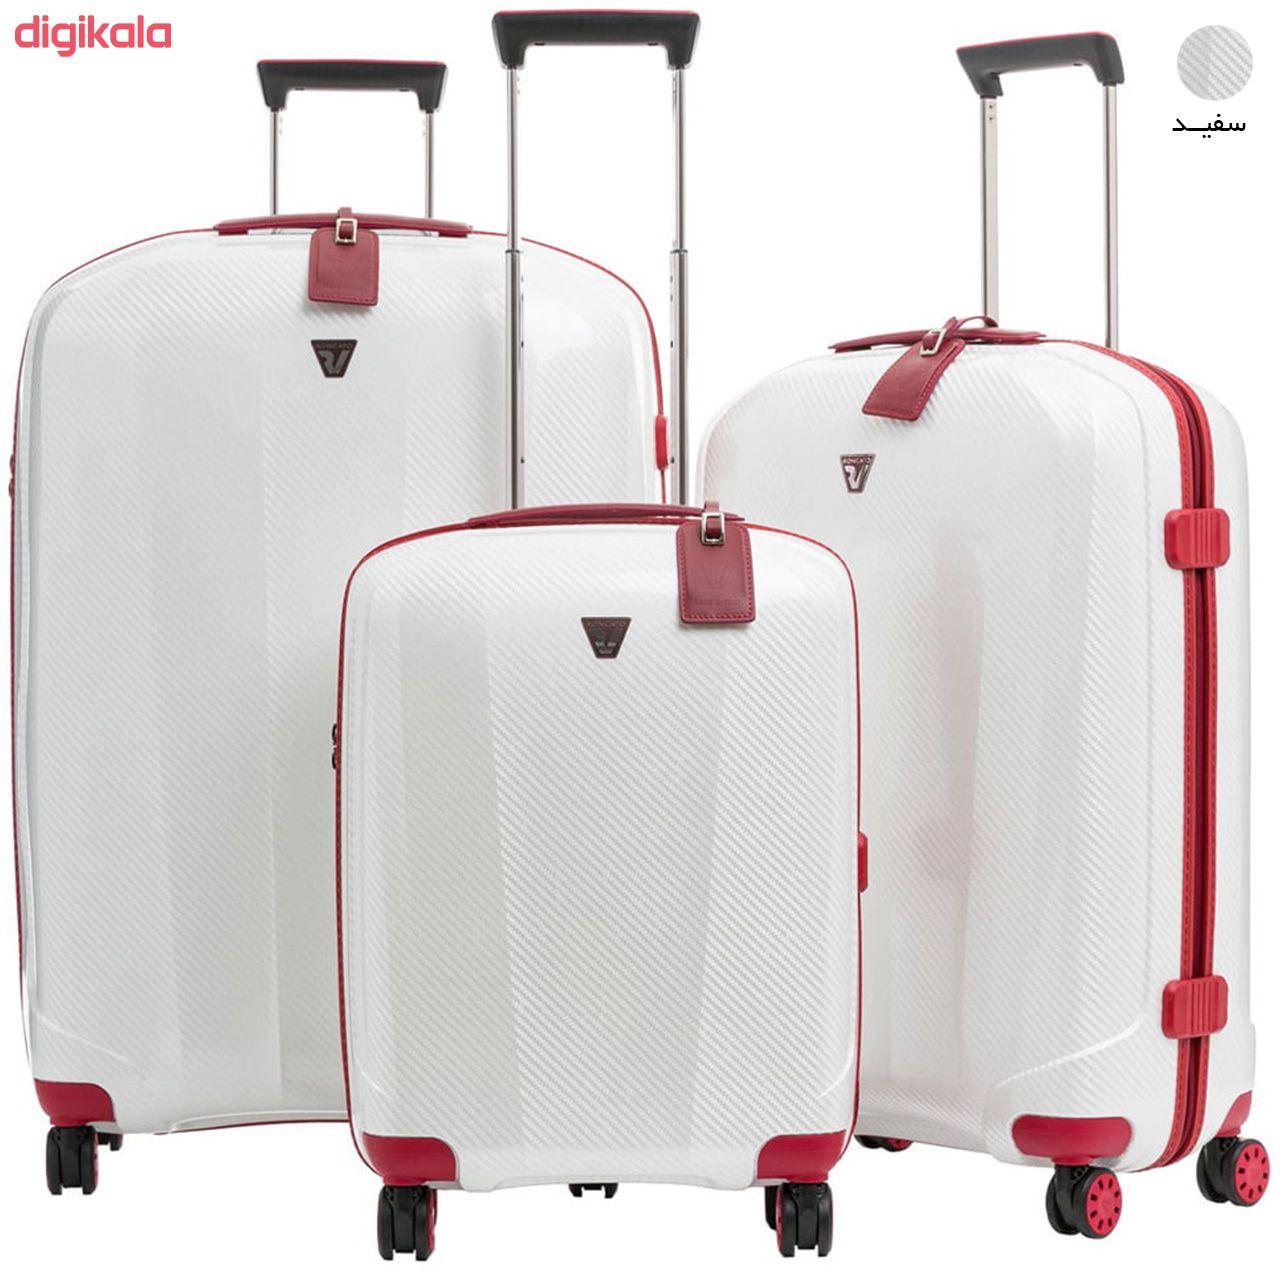 مجموعه سه عددی چمدان رونکاتو مدل 5950 main 1 28